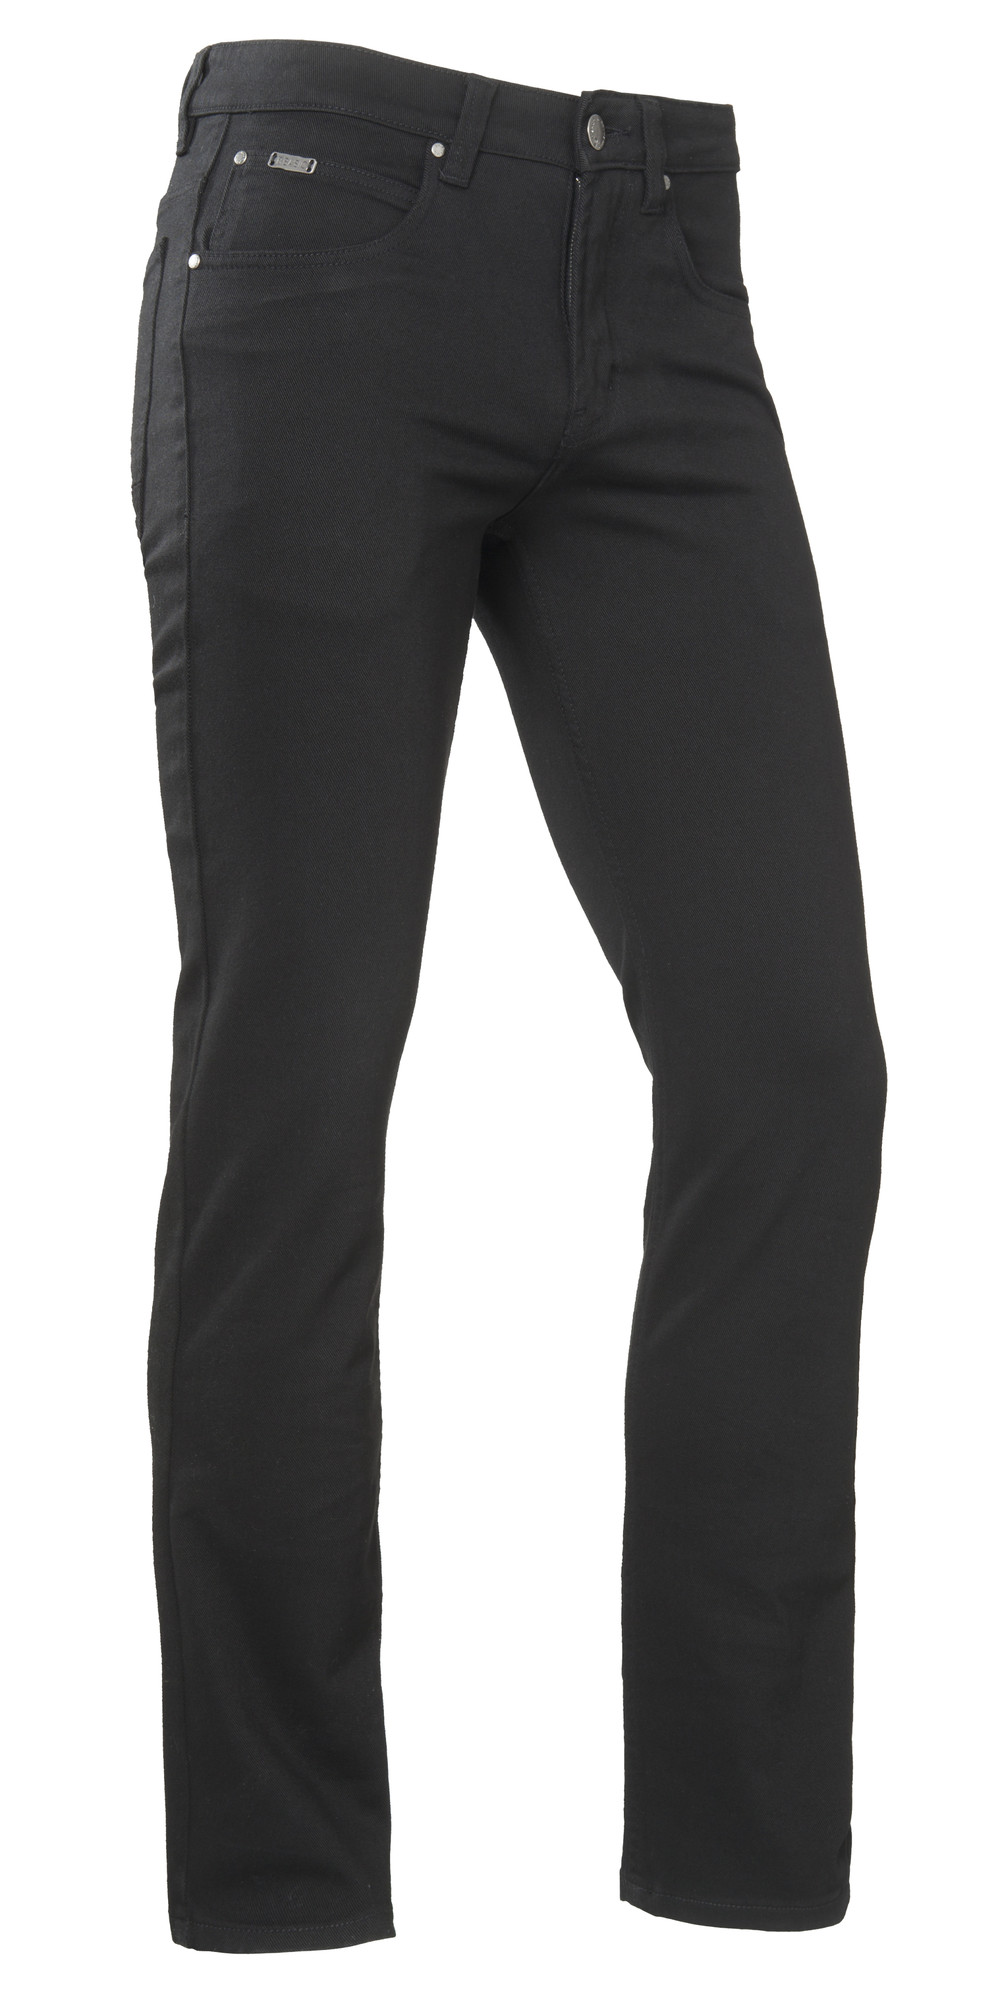 Brams Paris Danny Jeans Stretch (D51 Black Twill) W30-L32